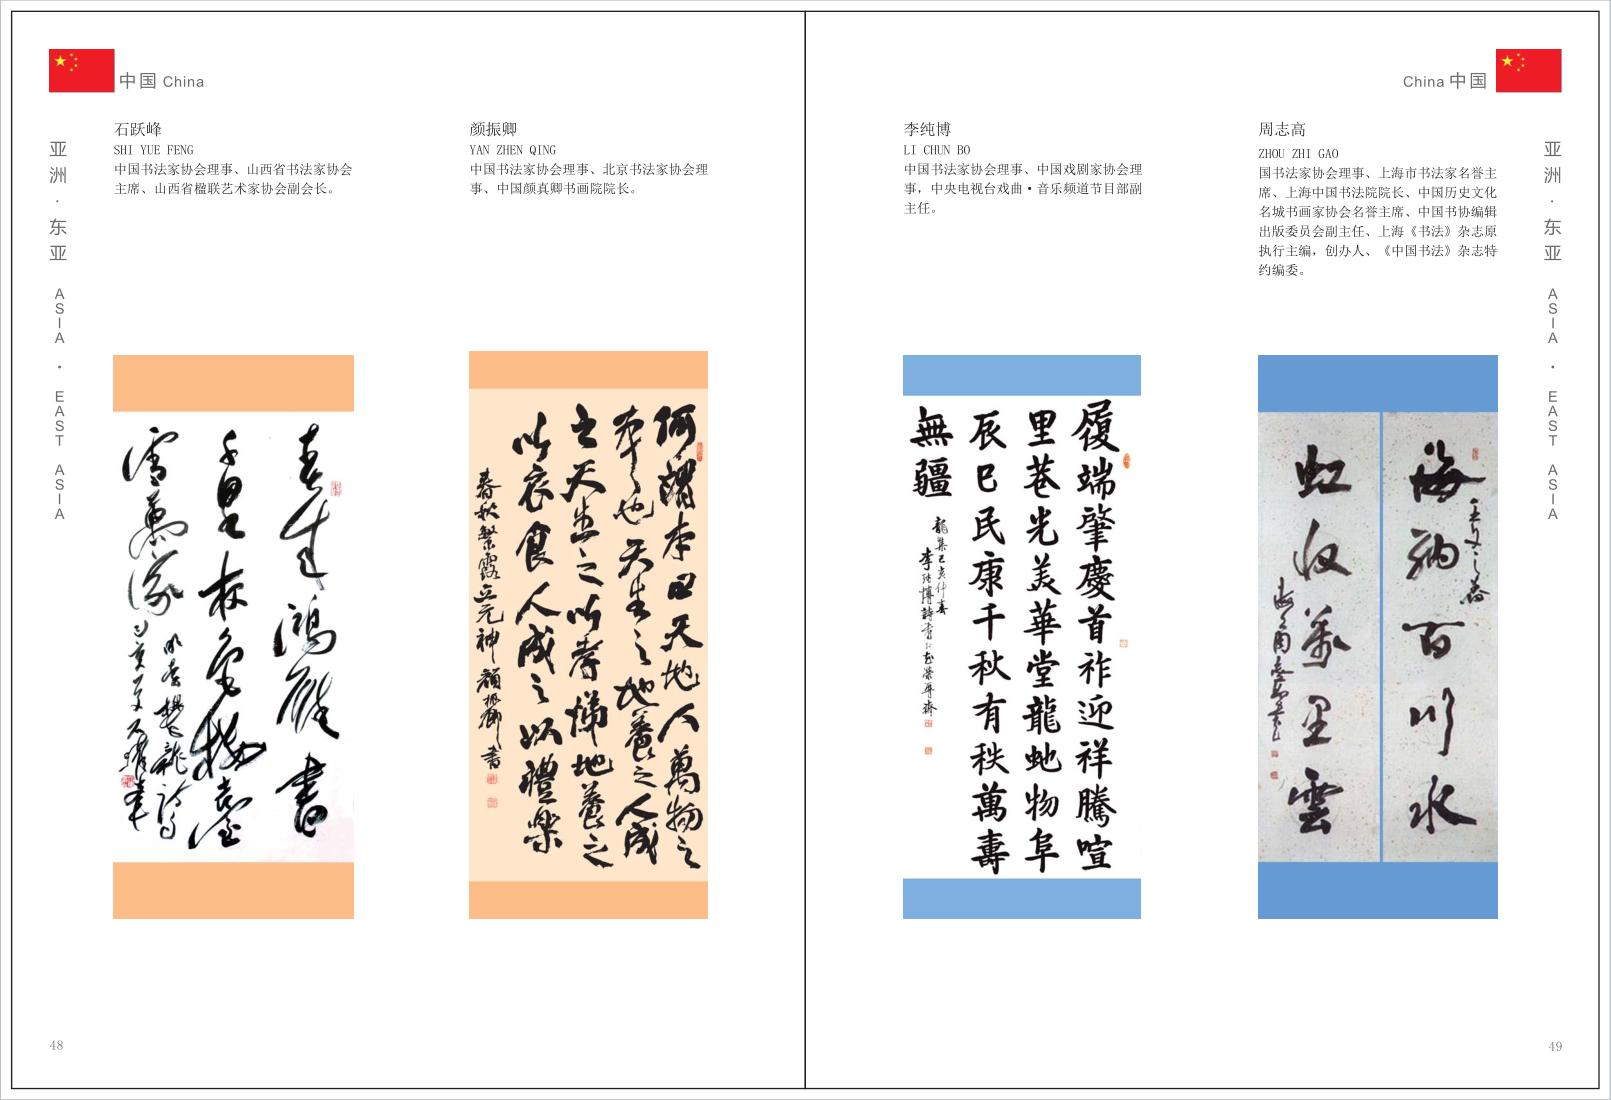 191页2_26.png